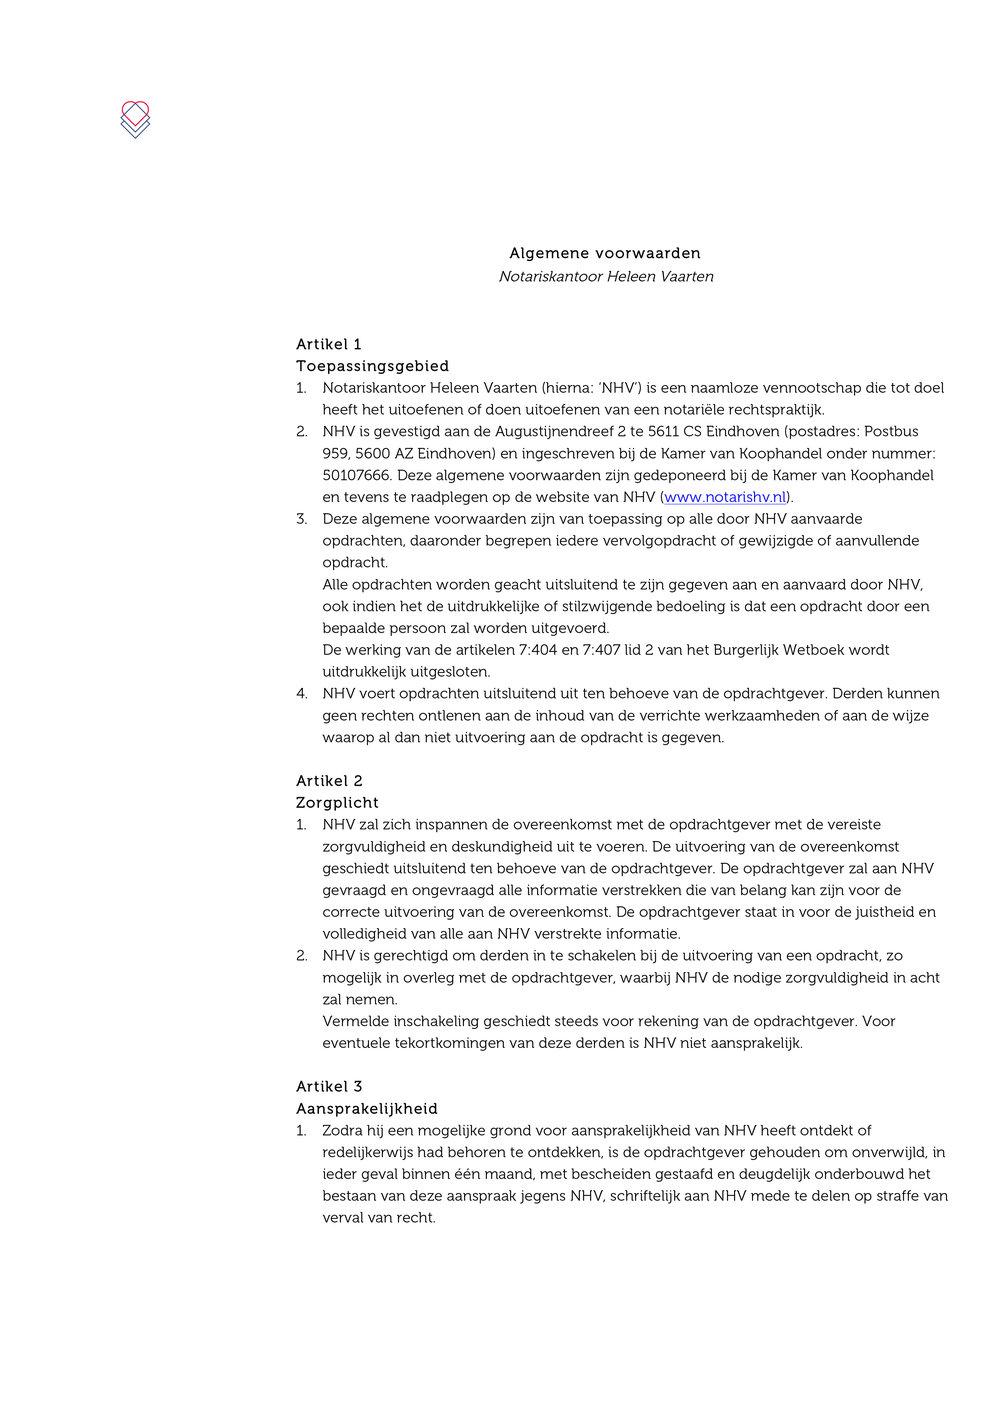 Algemene-voorwaarden-NHV-1.jpg